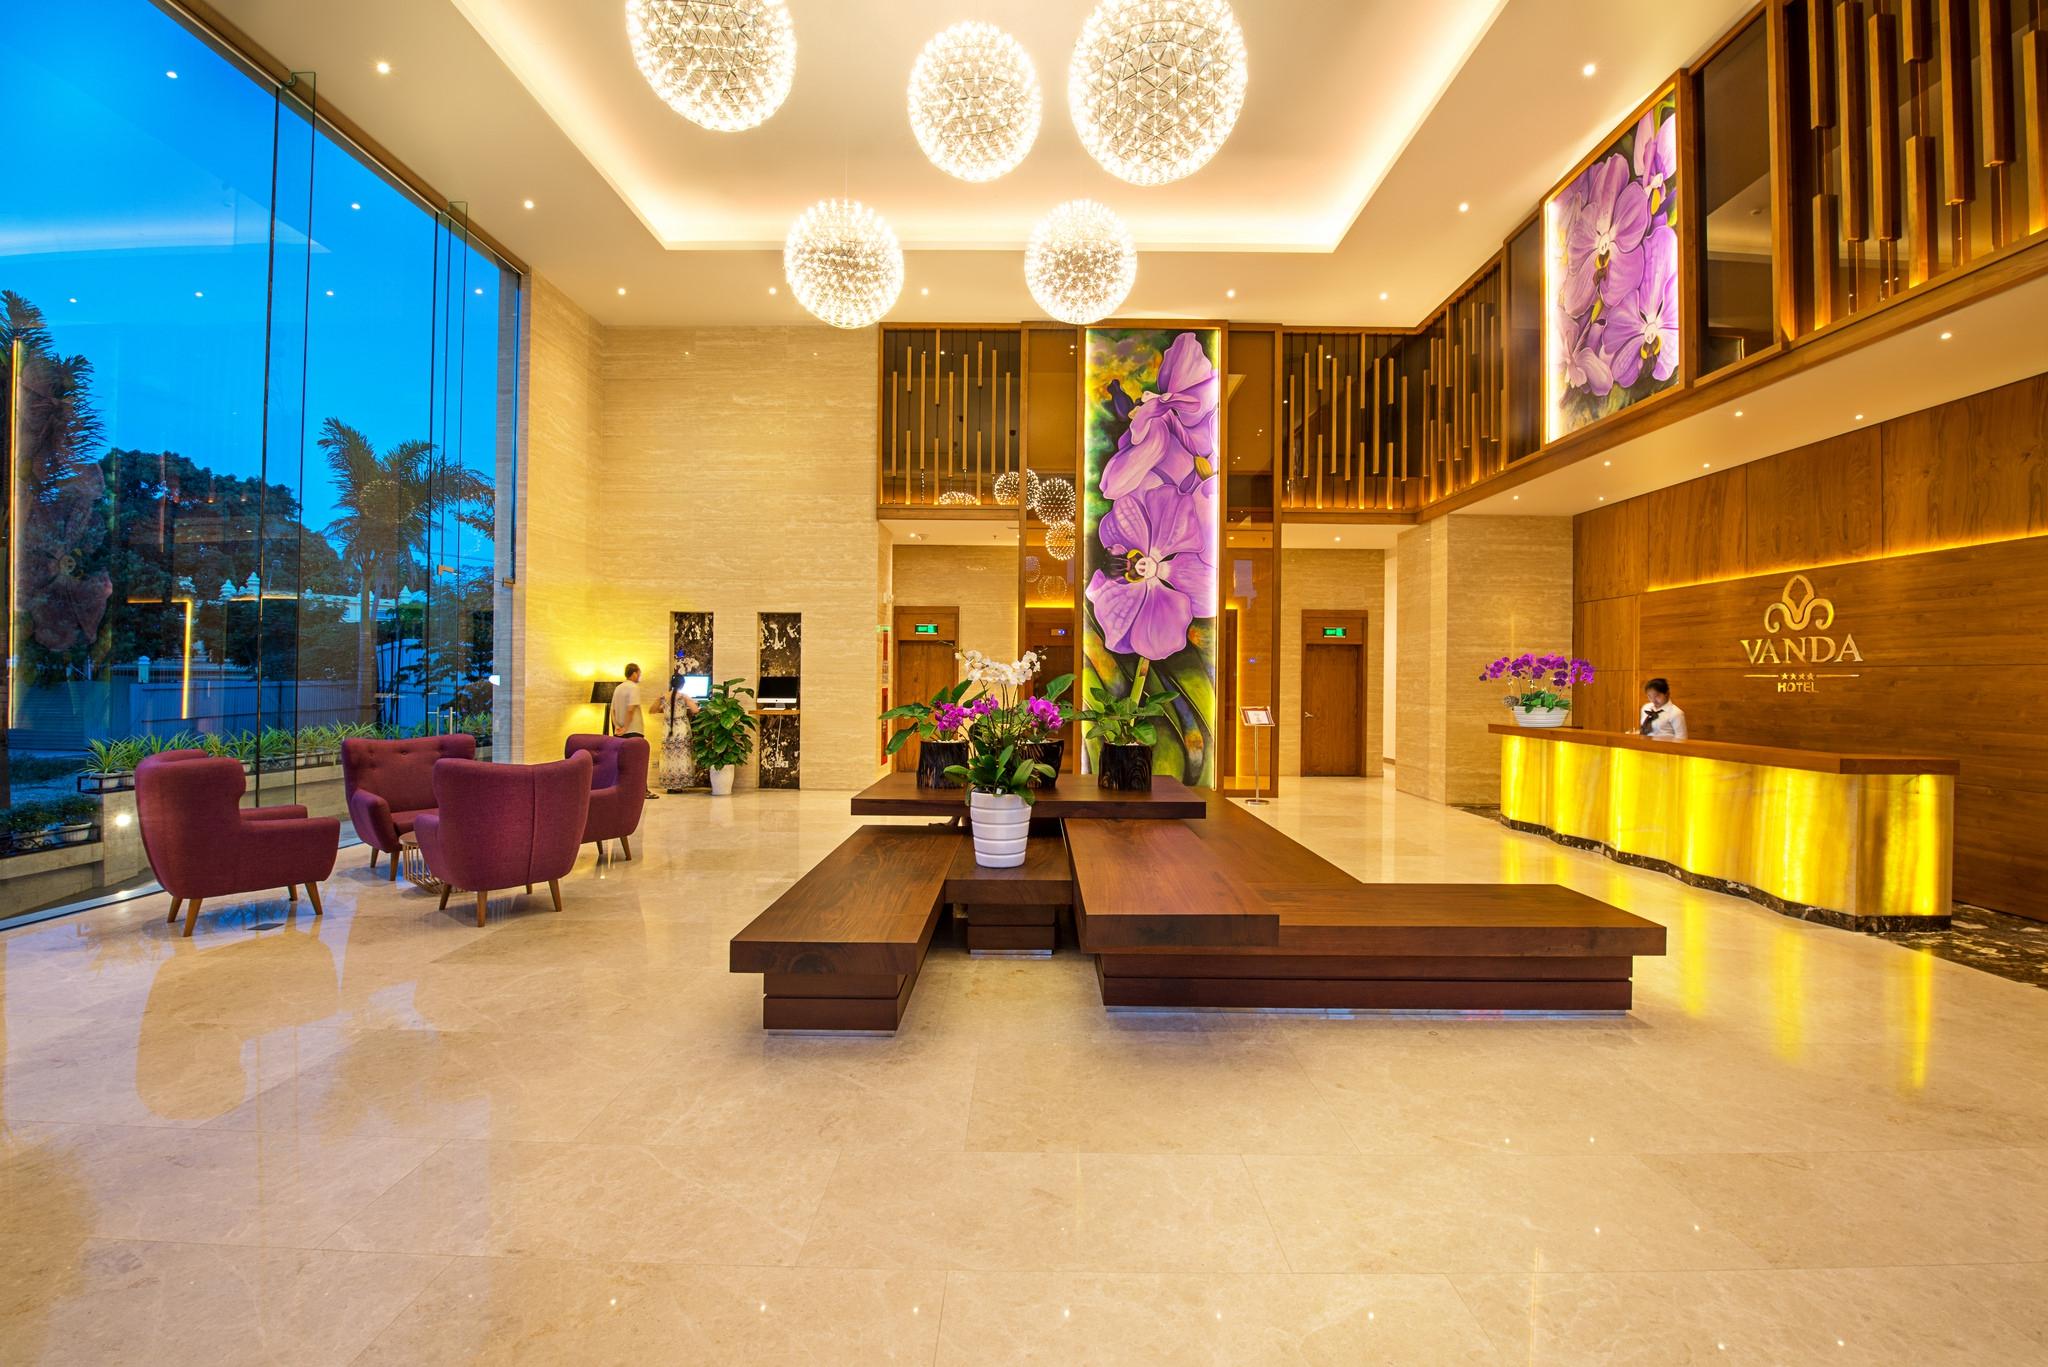 15-off-hotel-rooms-vanda-hotel 2